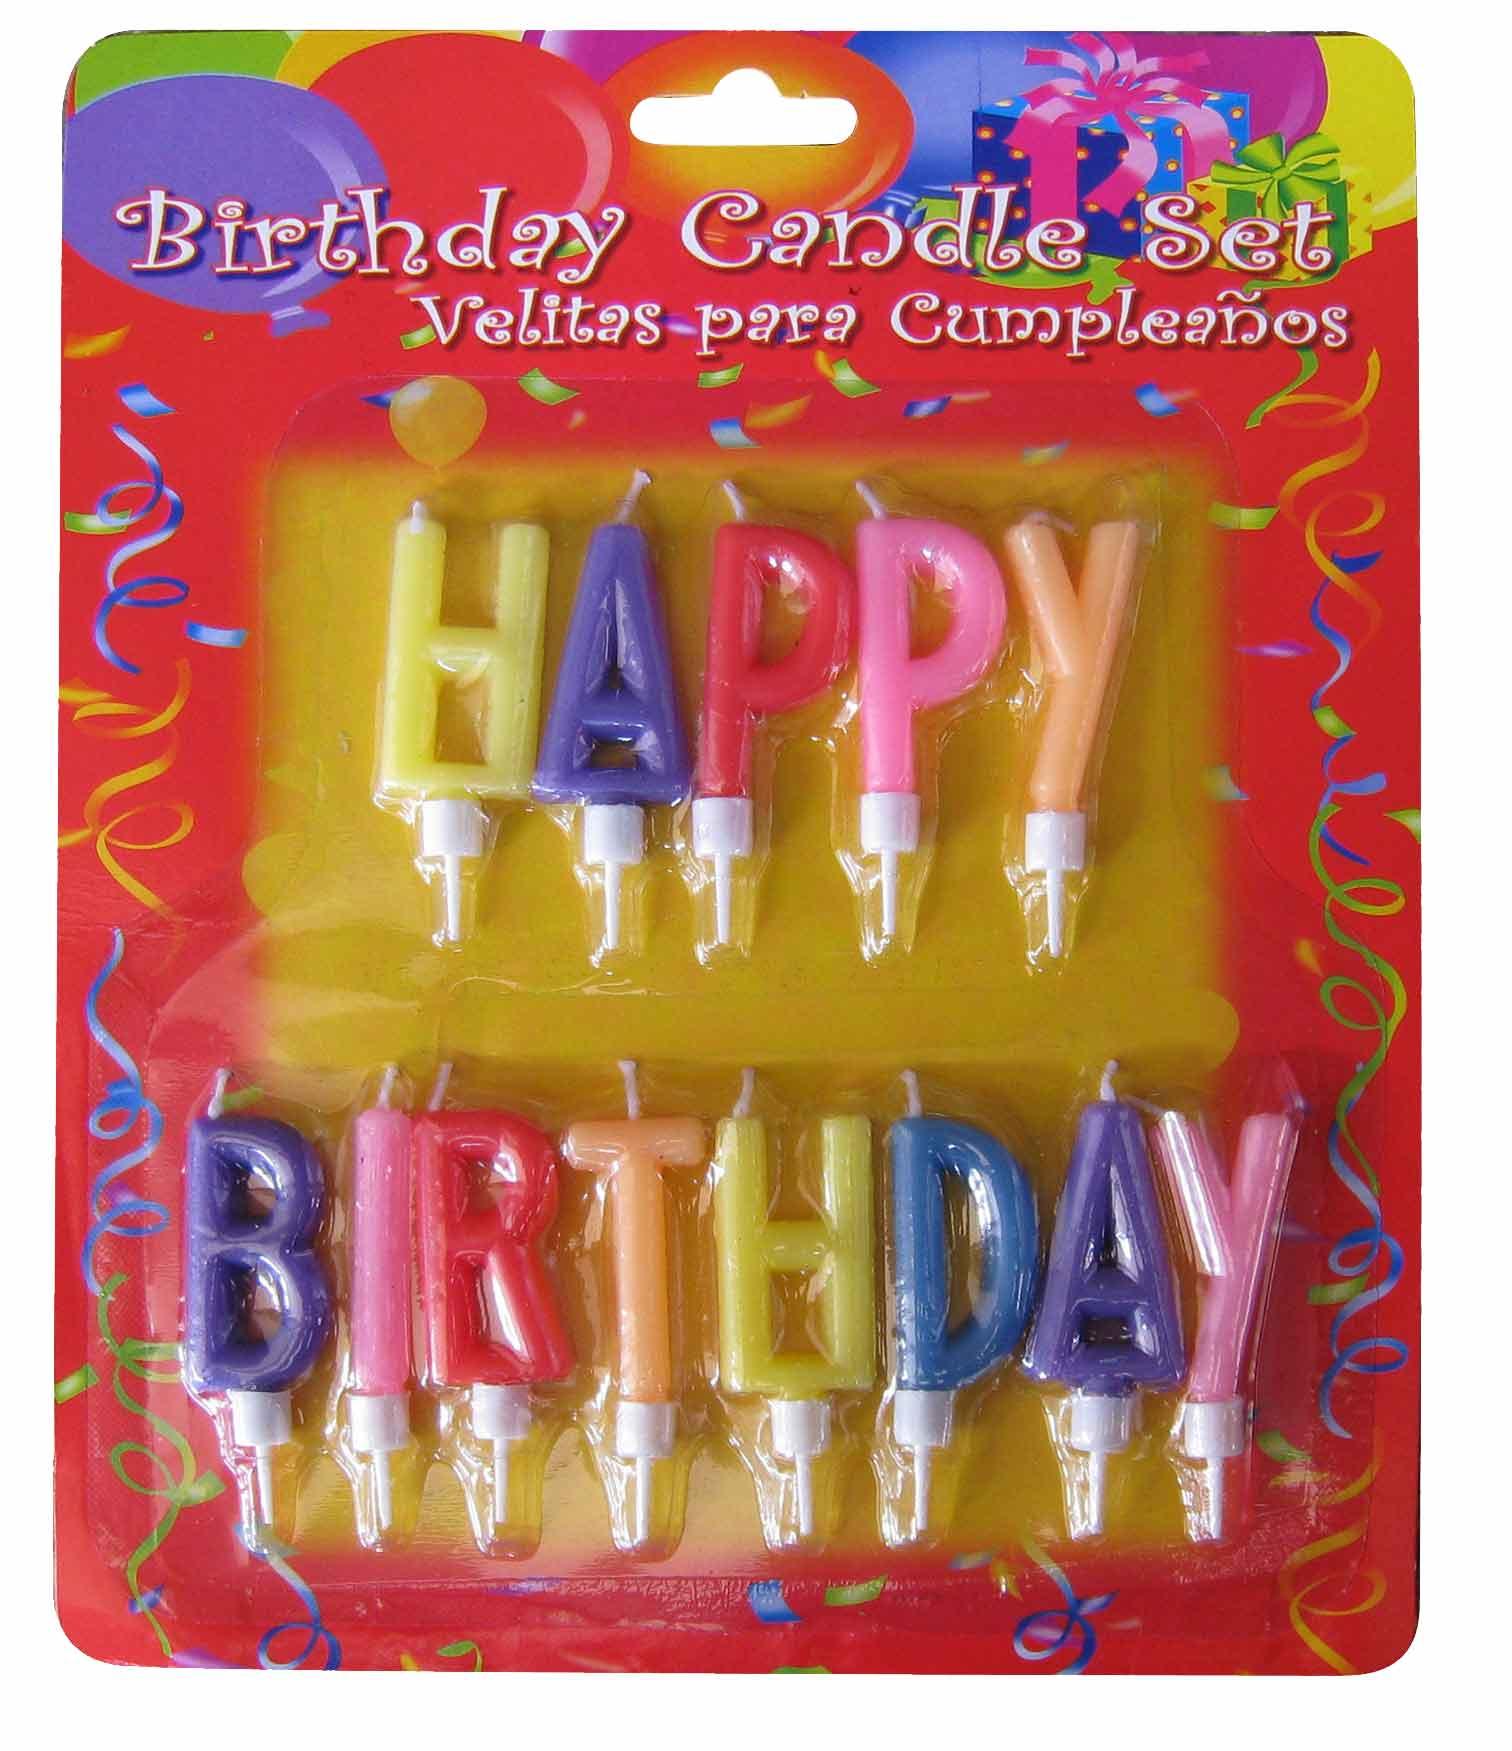 Σετ 13 κεράκια γενεθλίων Happy Birthday